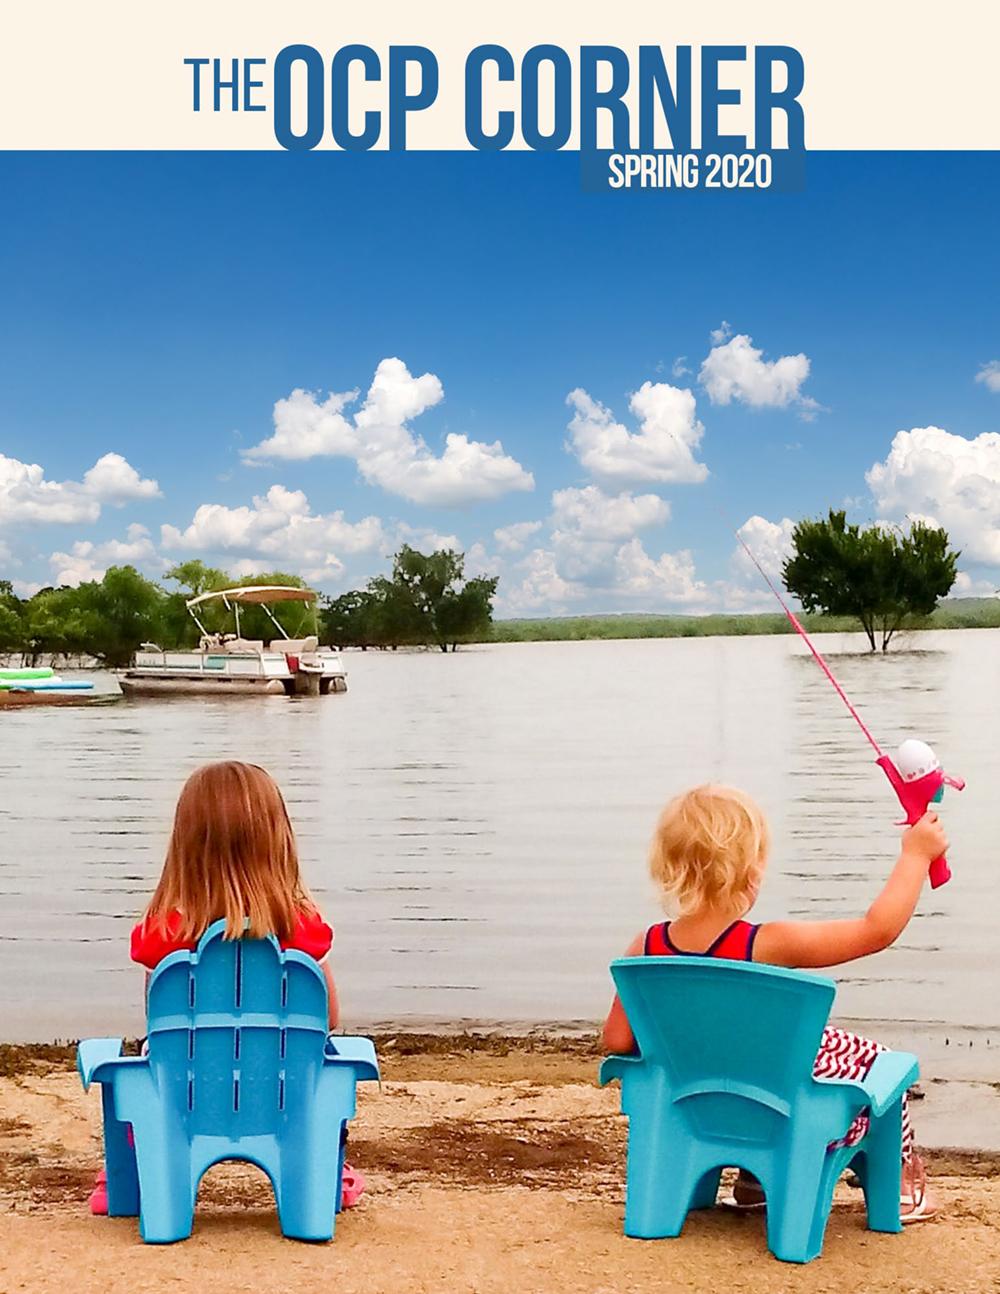 OCP Corner - Spring 2020 Newsletter